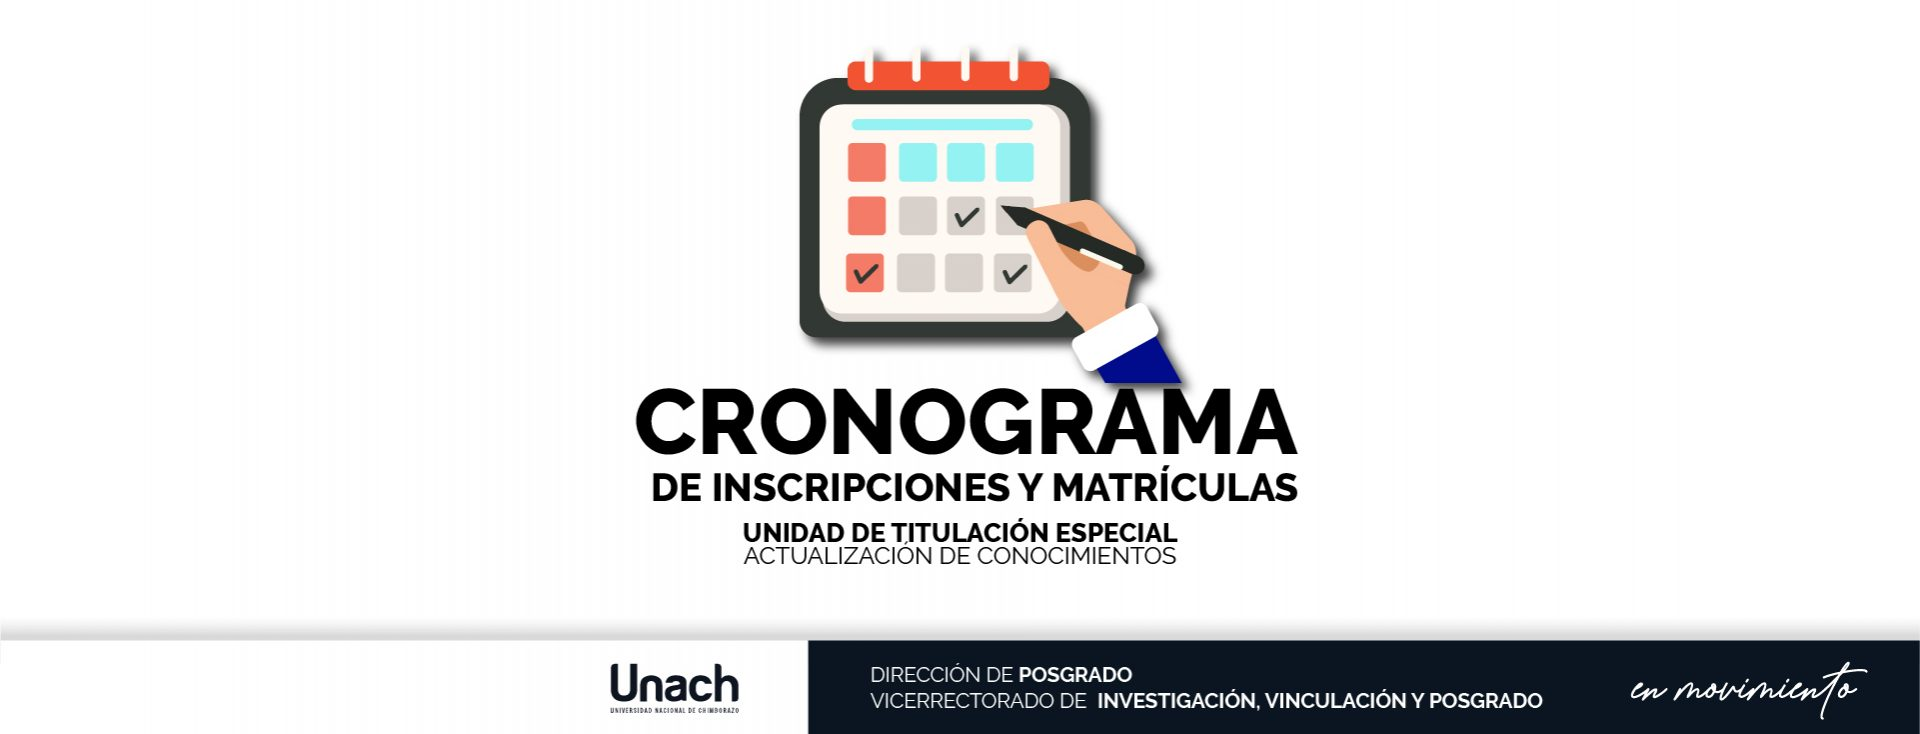 CRONOGRAMA  DE INSCRIPCIONES Y MATRÍCULAS